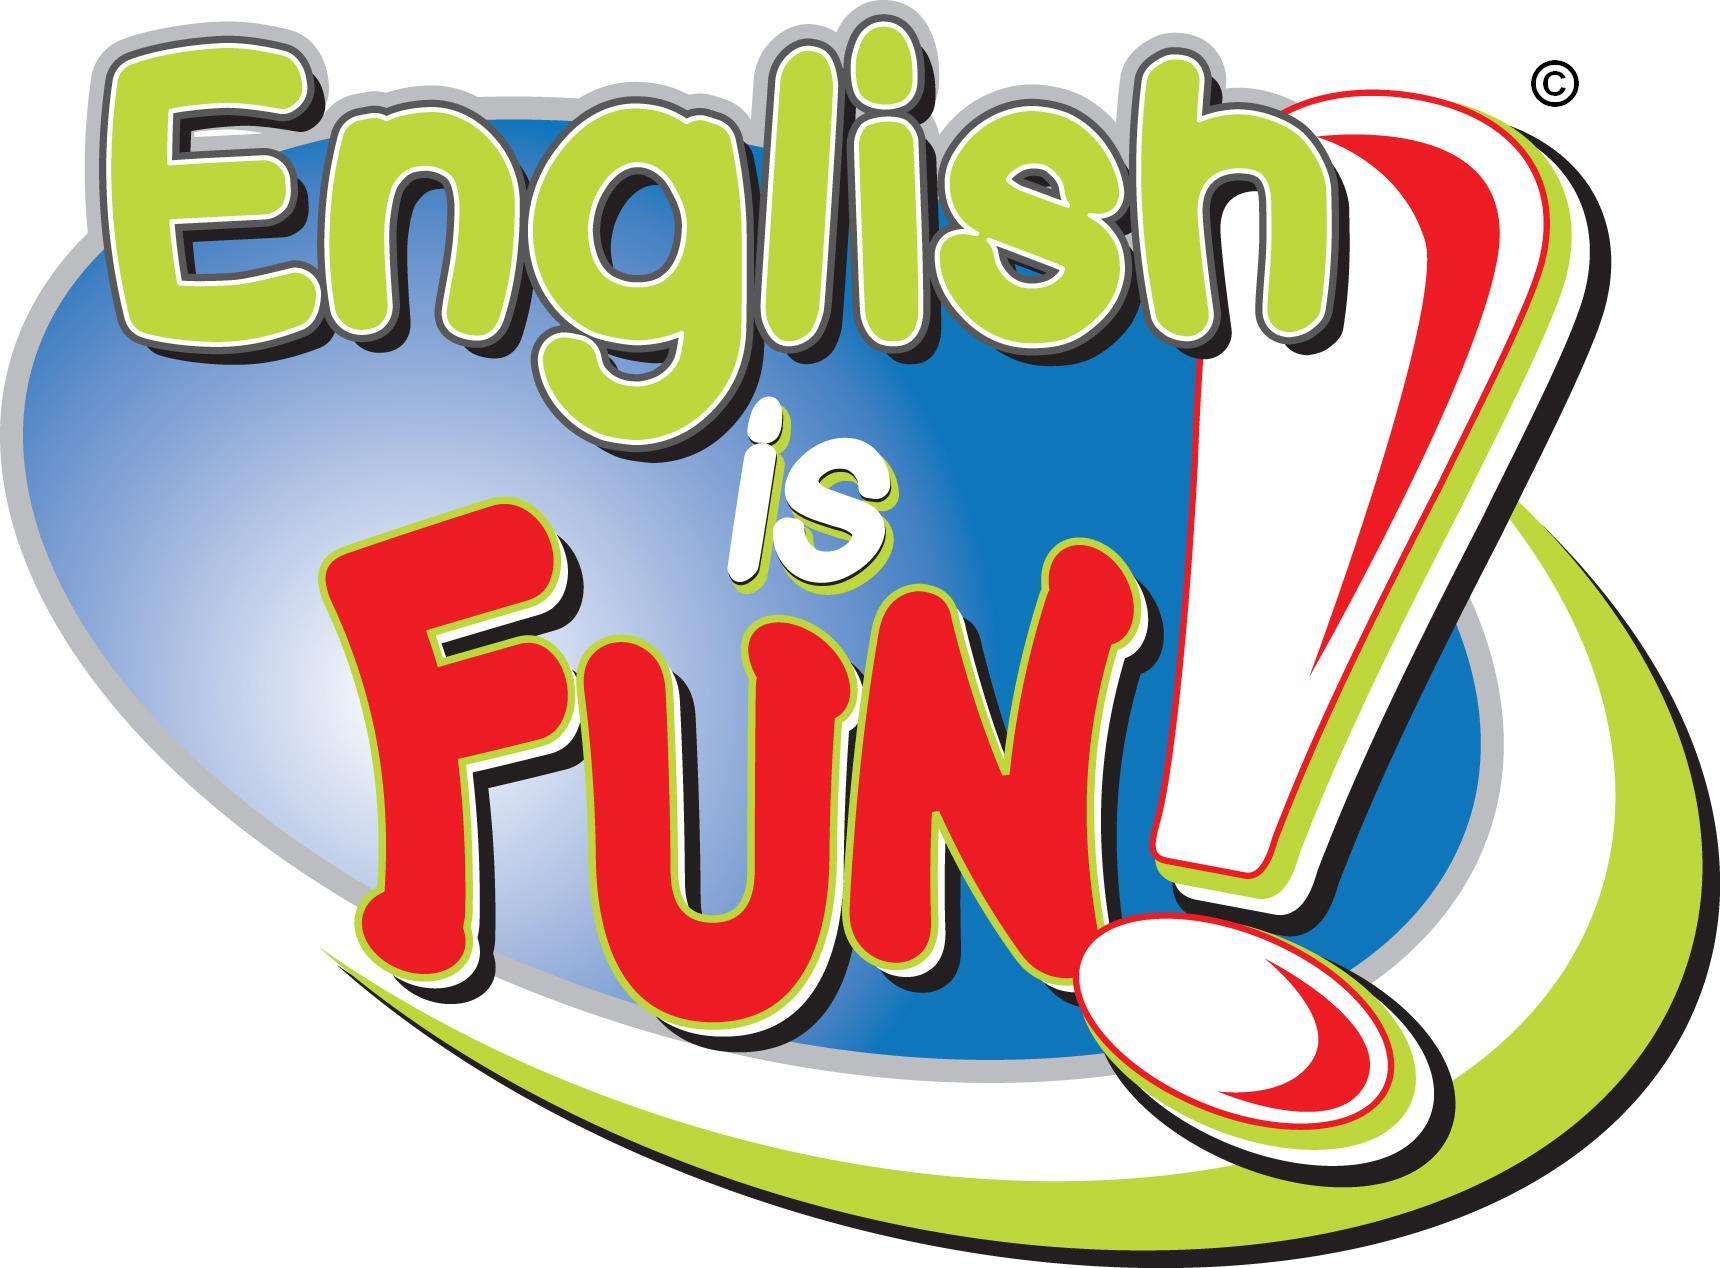 Drawing english is fun free image.